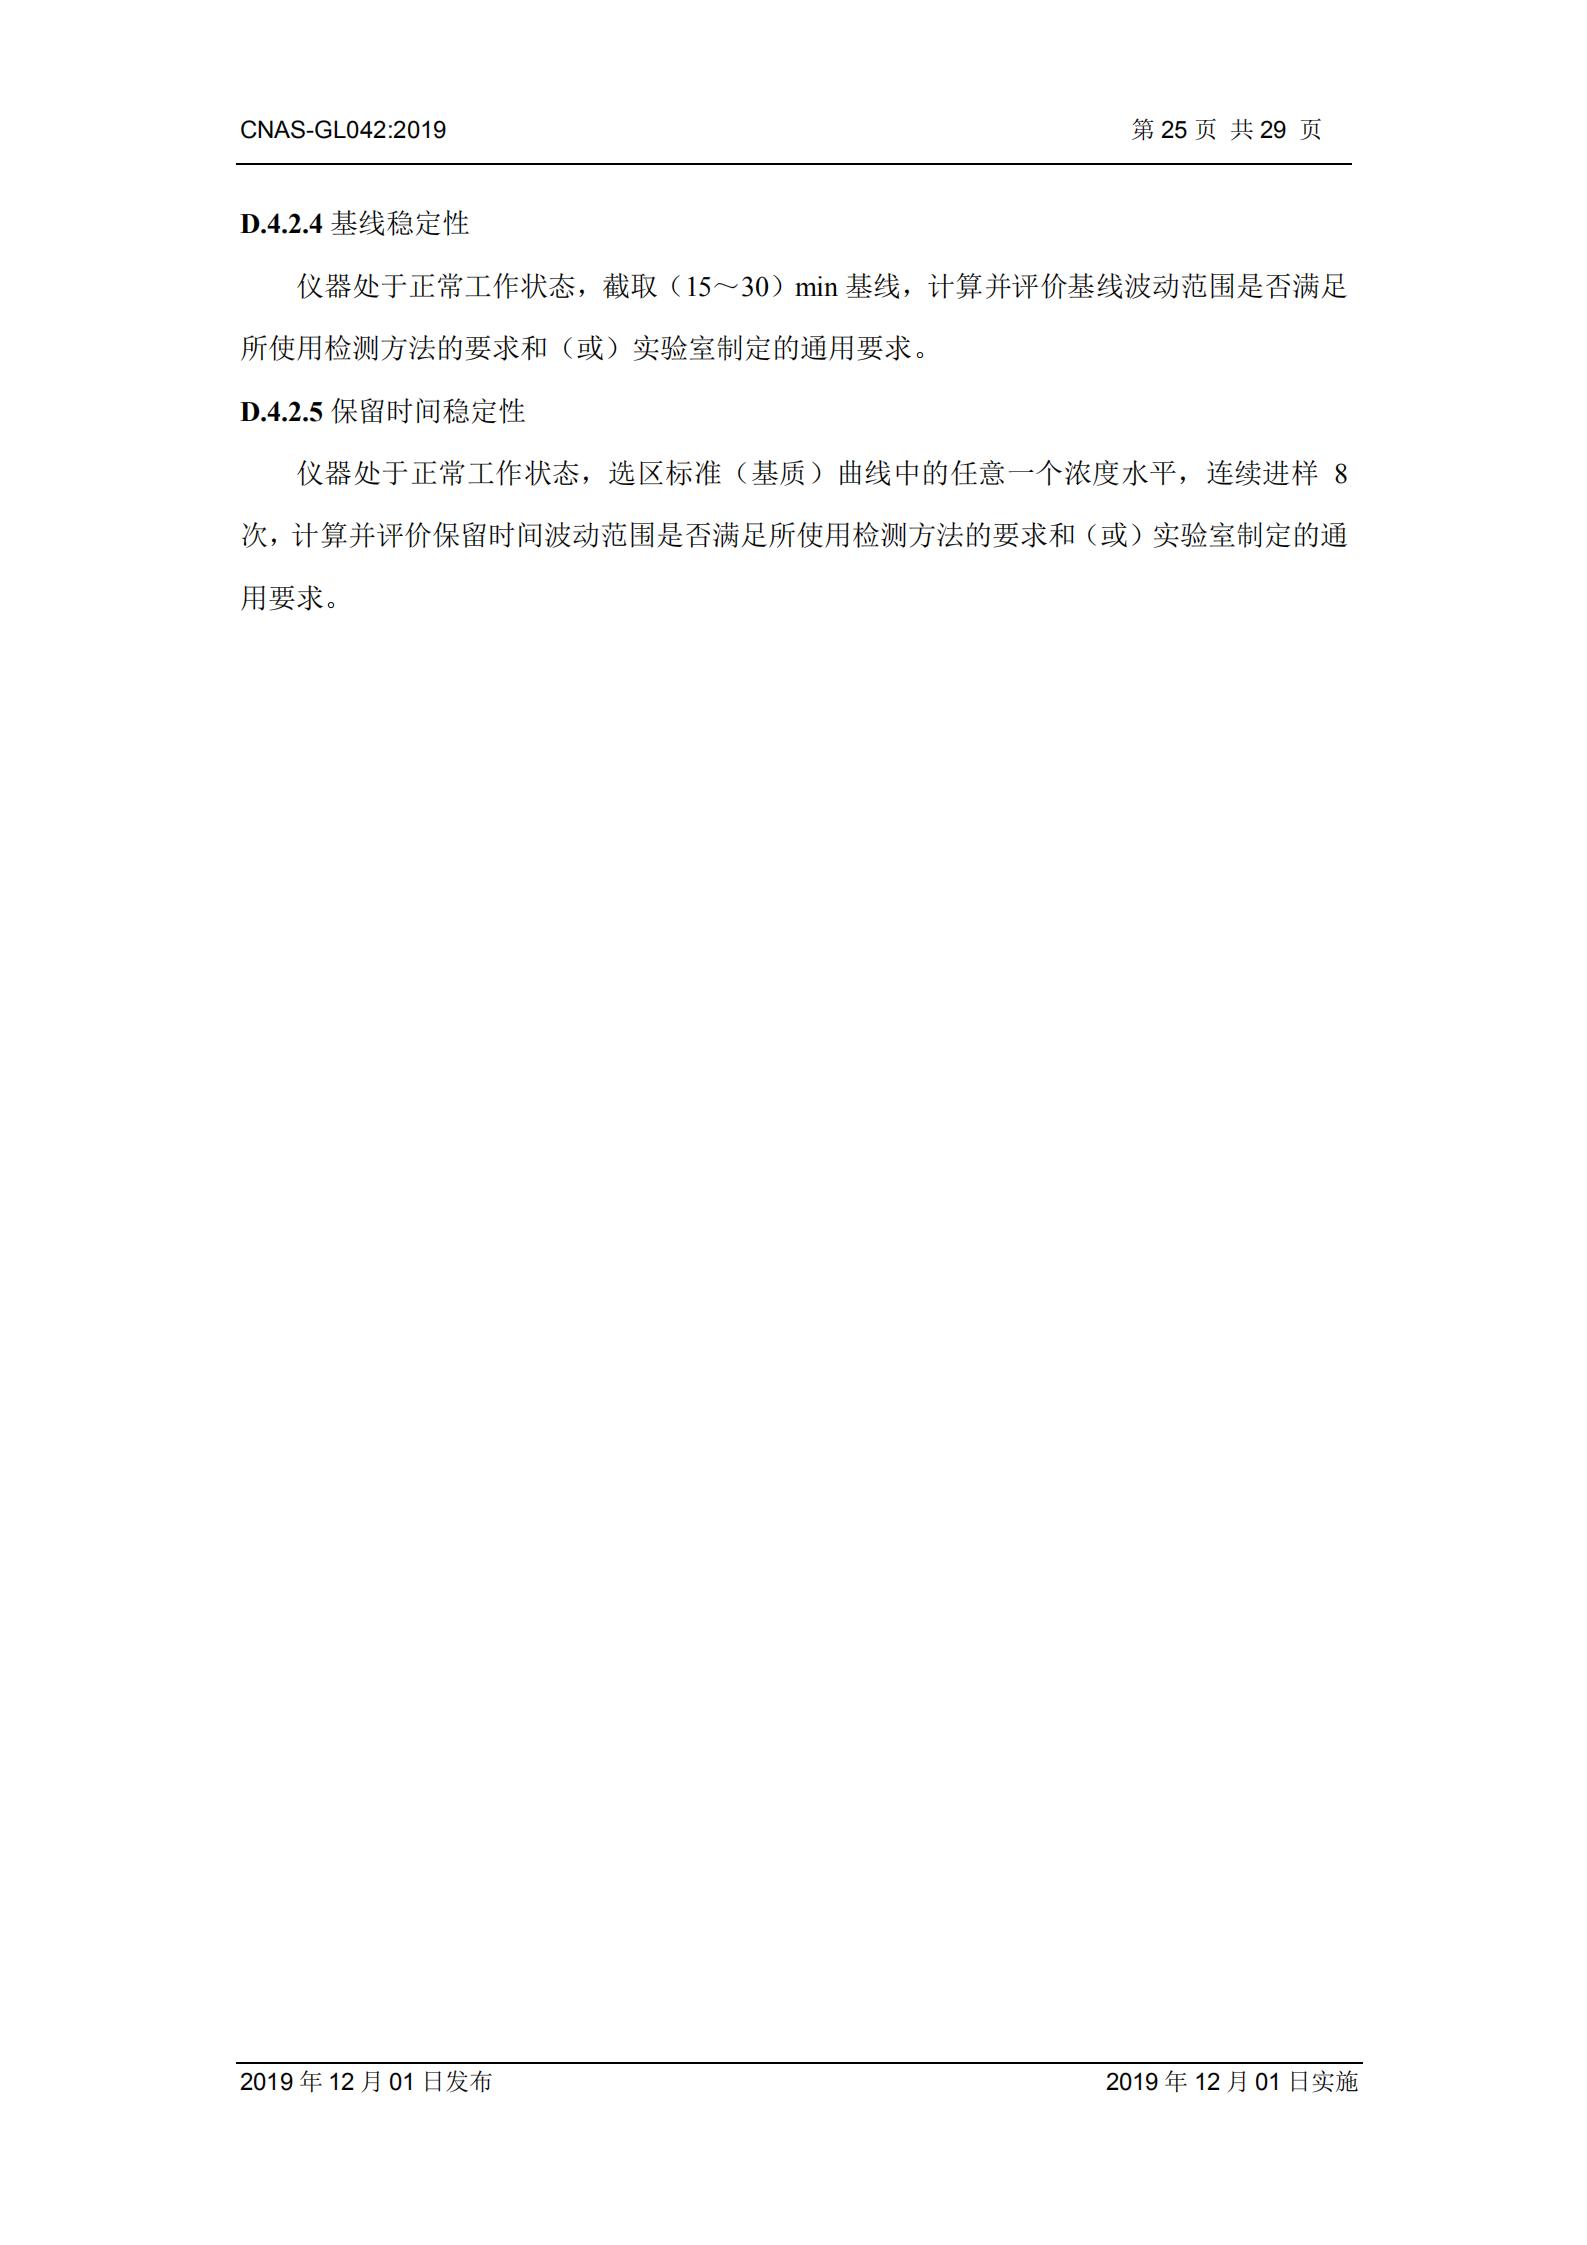 CNAS-GL042:2019《测量设备期间核查的方法指南》_25.png